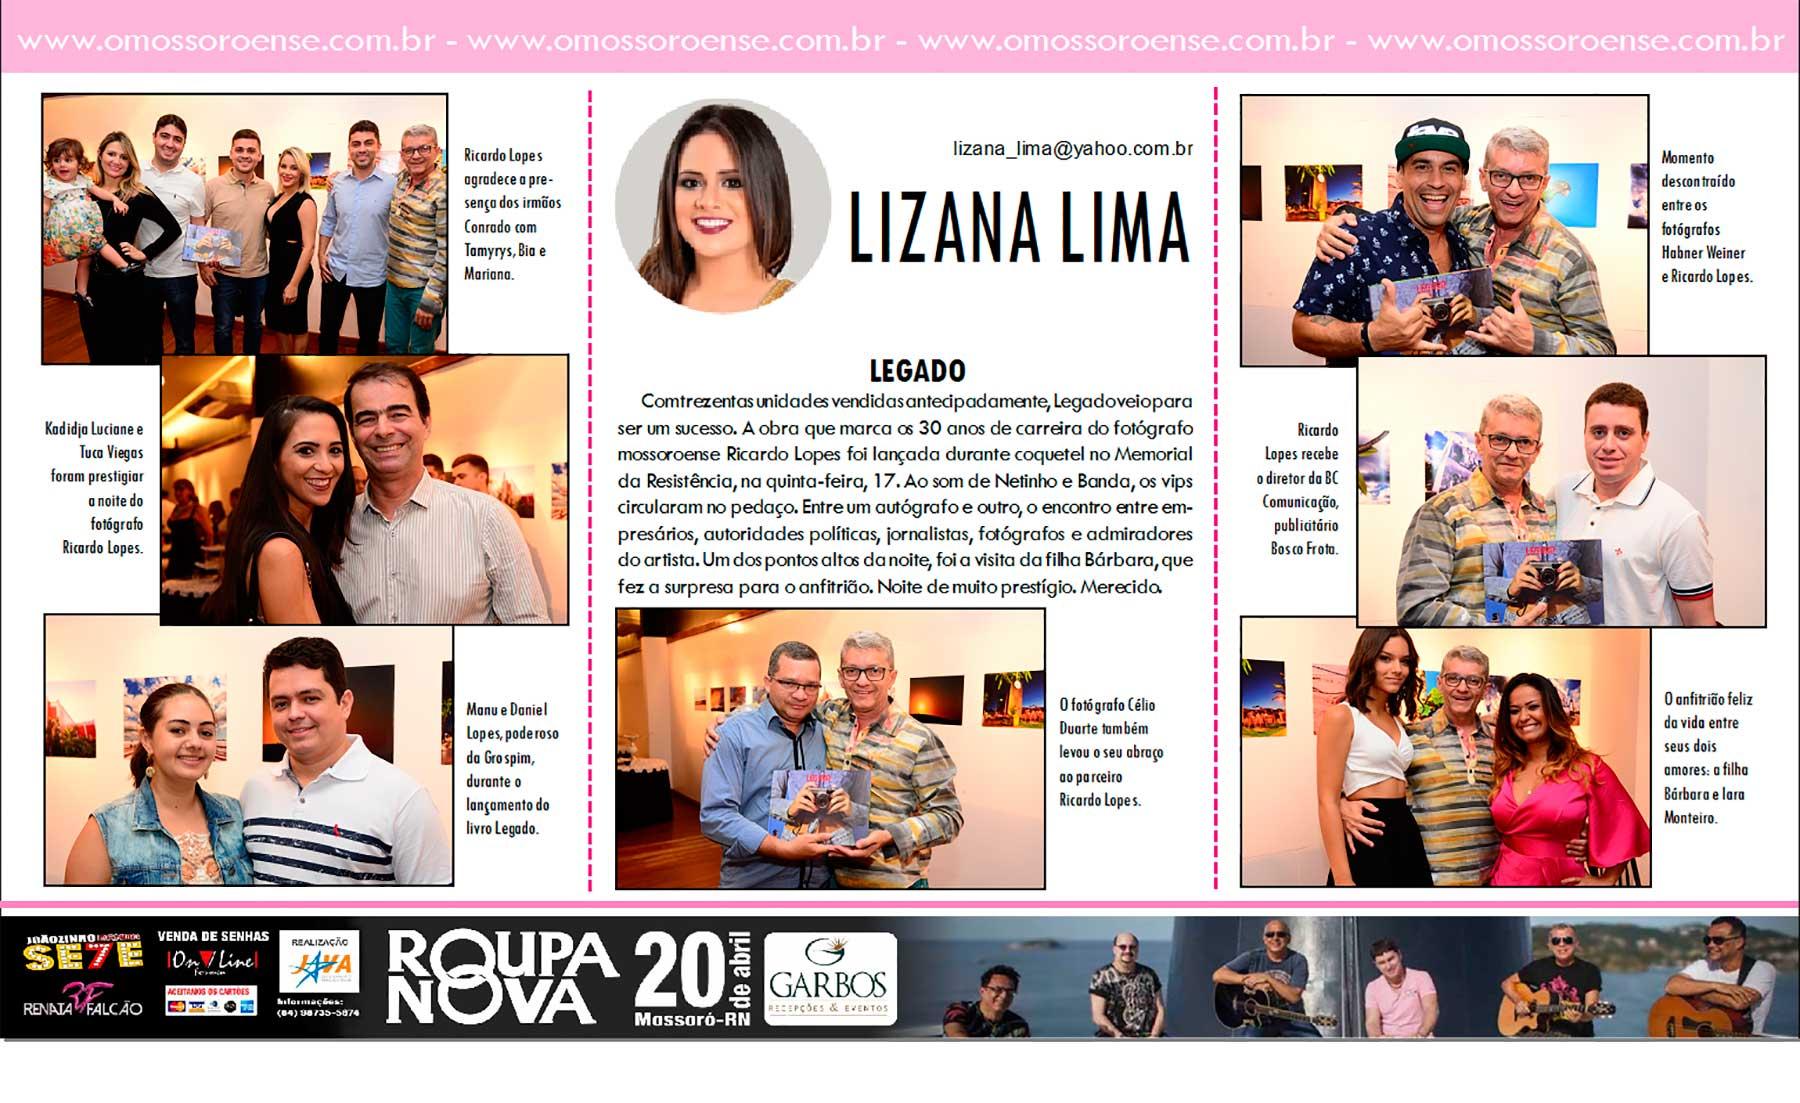 LIZANA-LIMA-18-03-16